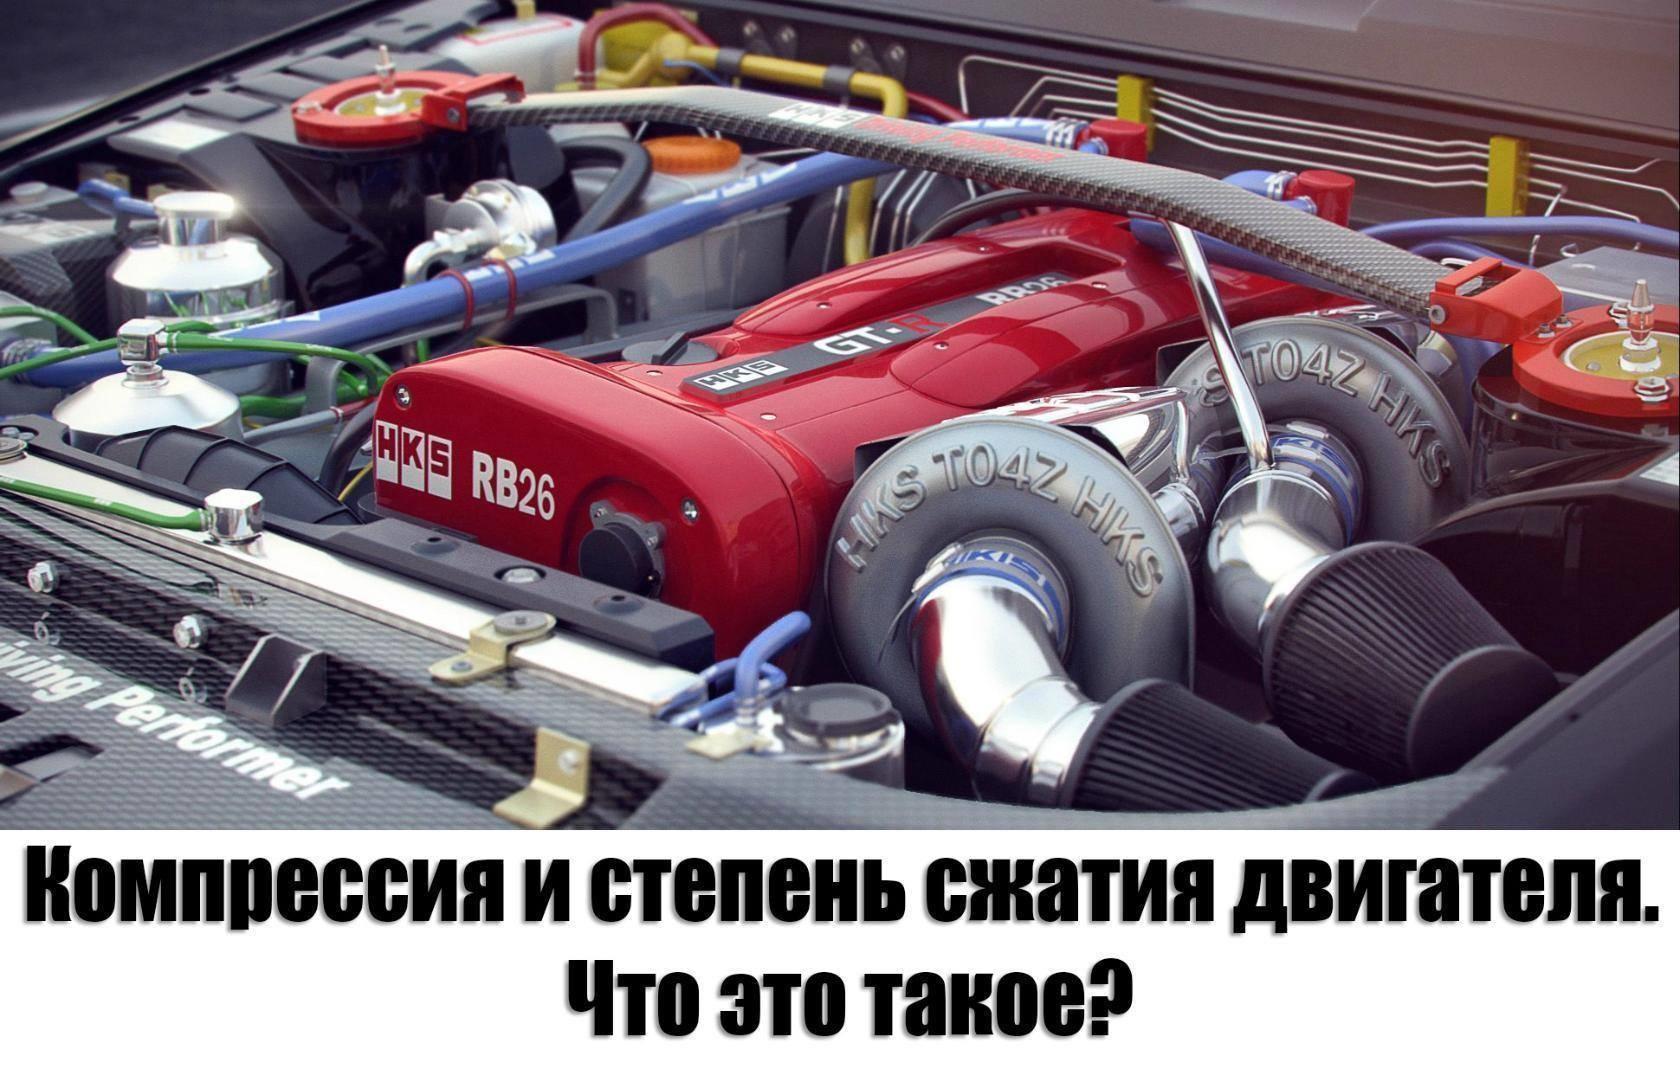 Какая компрессия должна быть в двигателе?